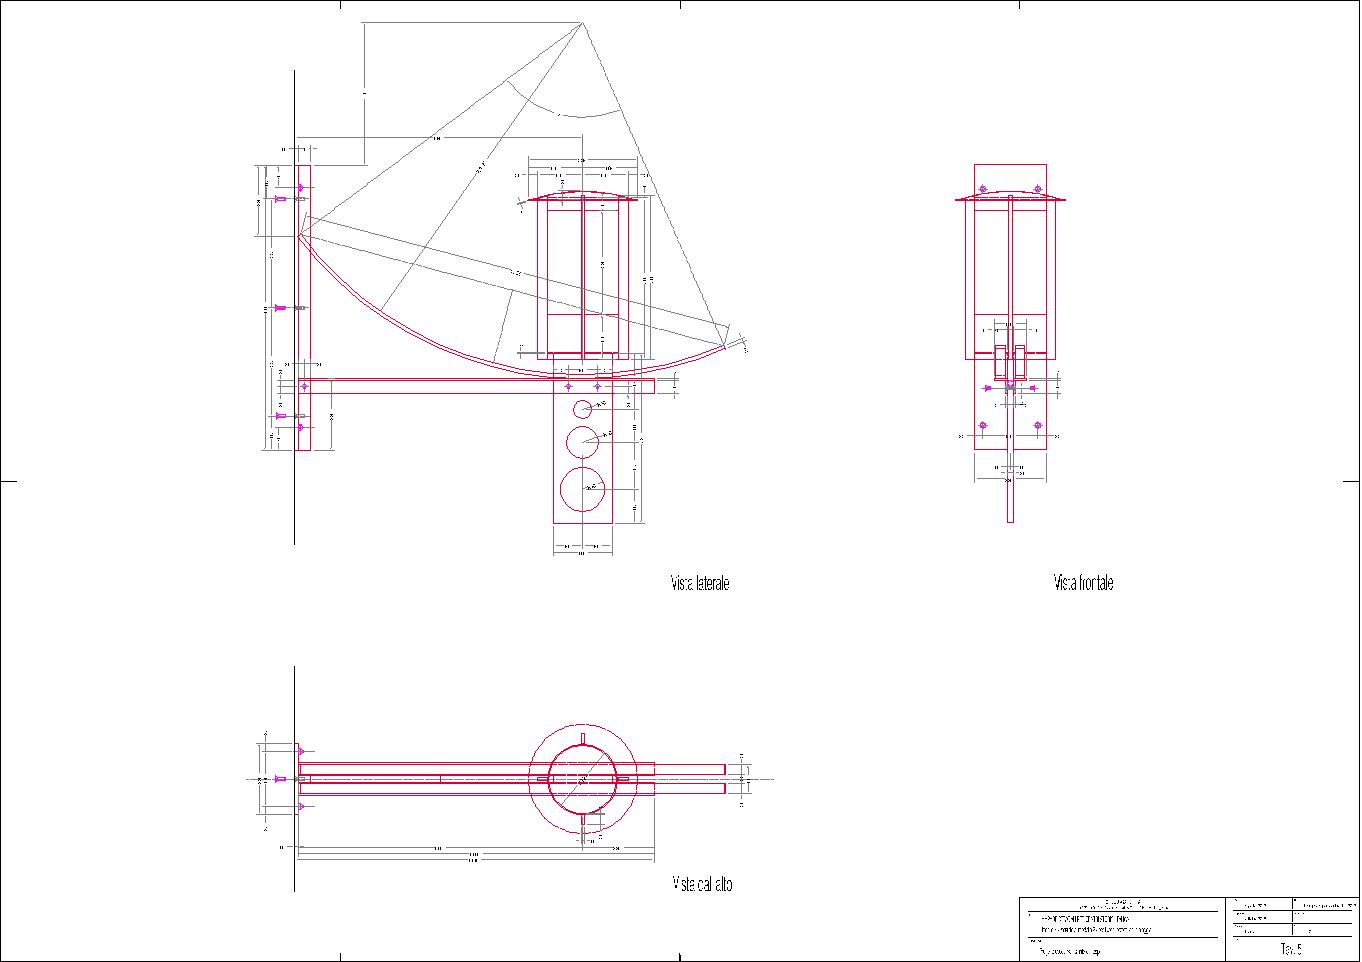 15-lampada-per-centro-sotrico-2013-copia-3-model